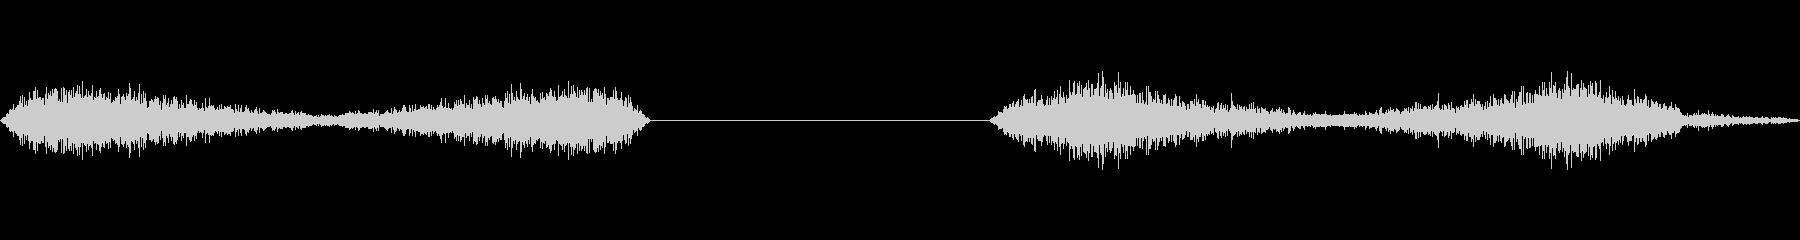 大規模な金属工場のローラー:ローリ...の未再生の波形